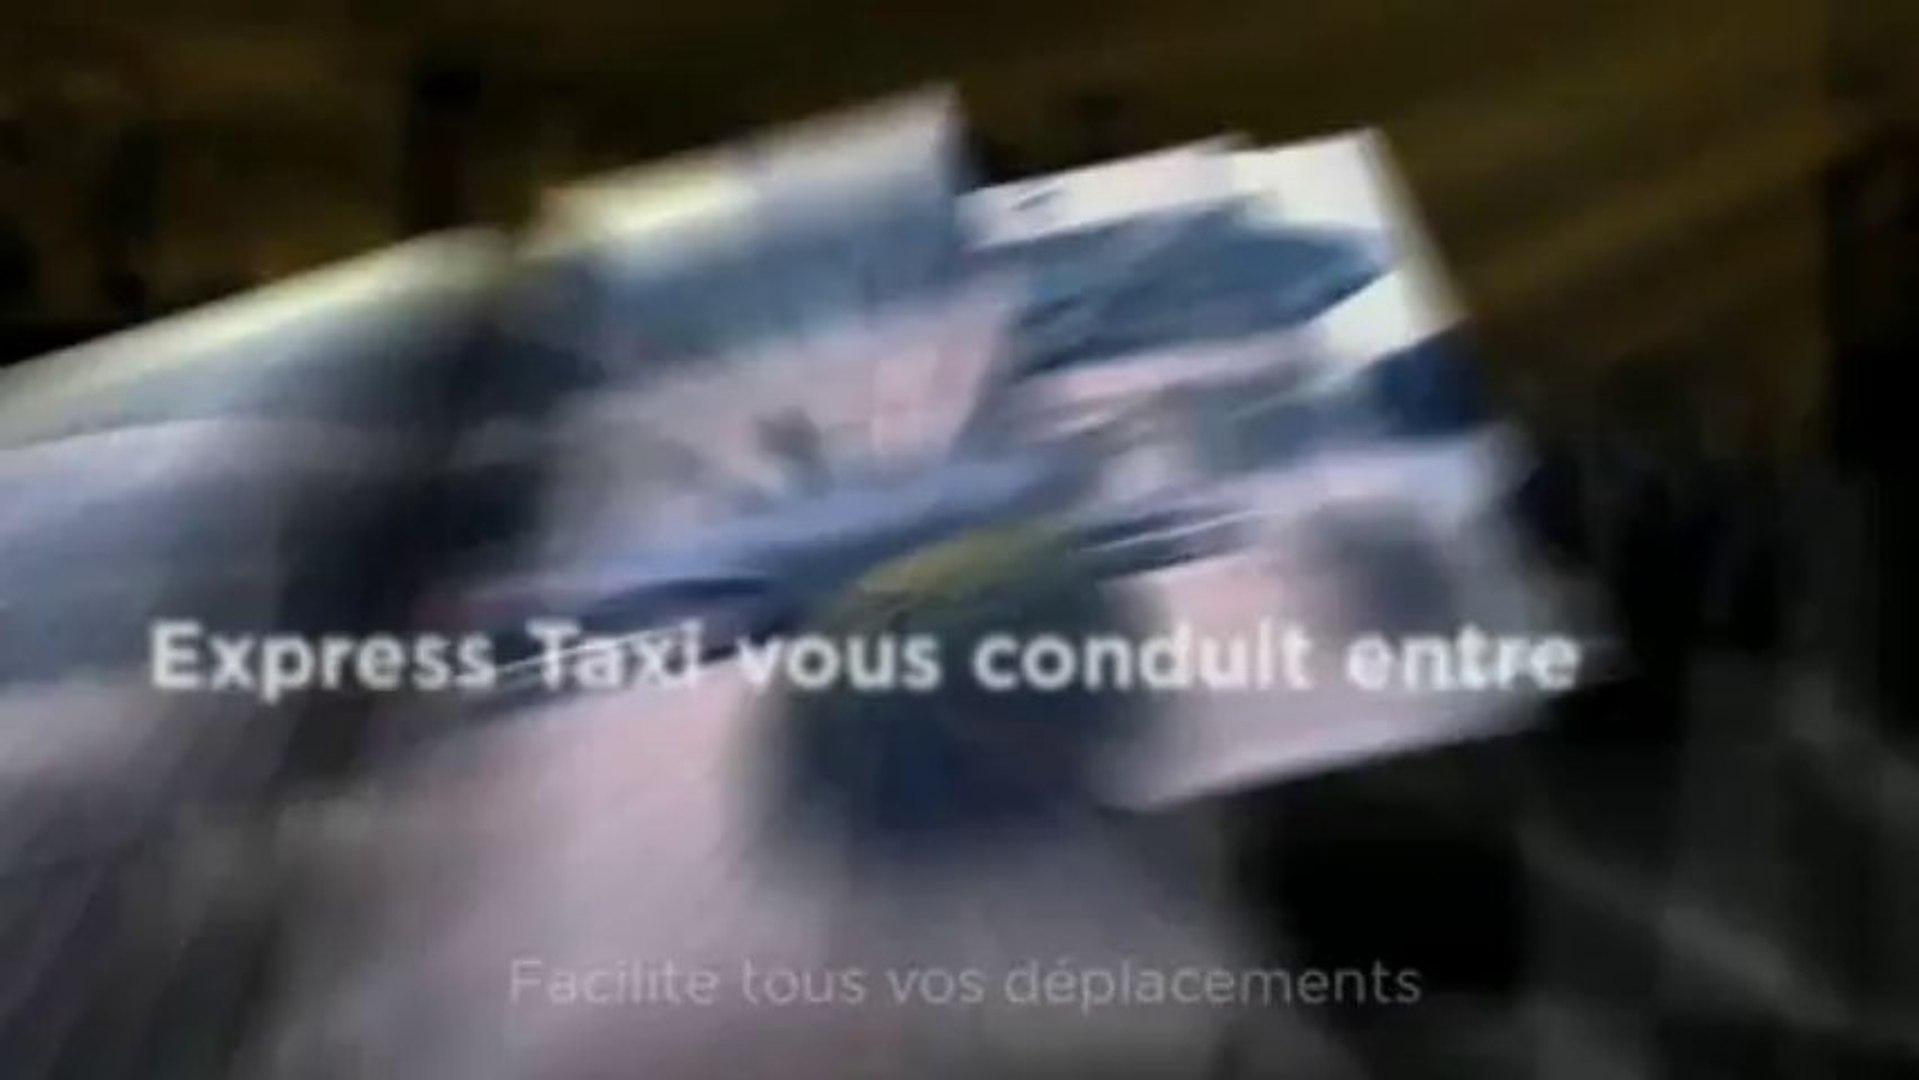 Réservation taxi Lyon Aéroport -- Tél : 06.17.98.07.39 Réservation taxi Lyon Aéroport